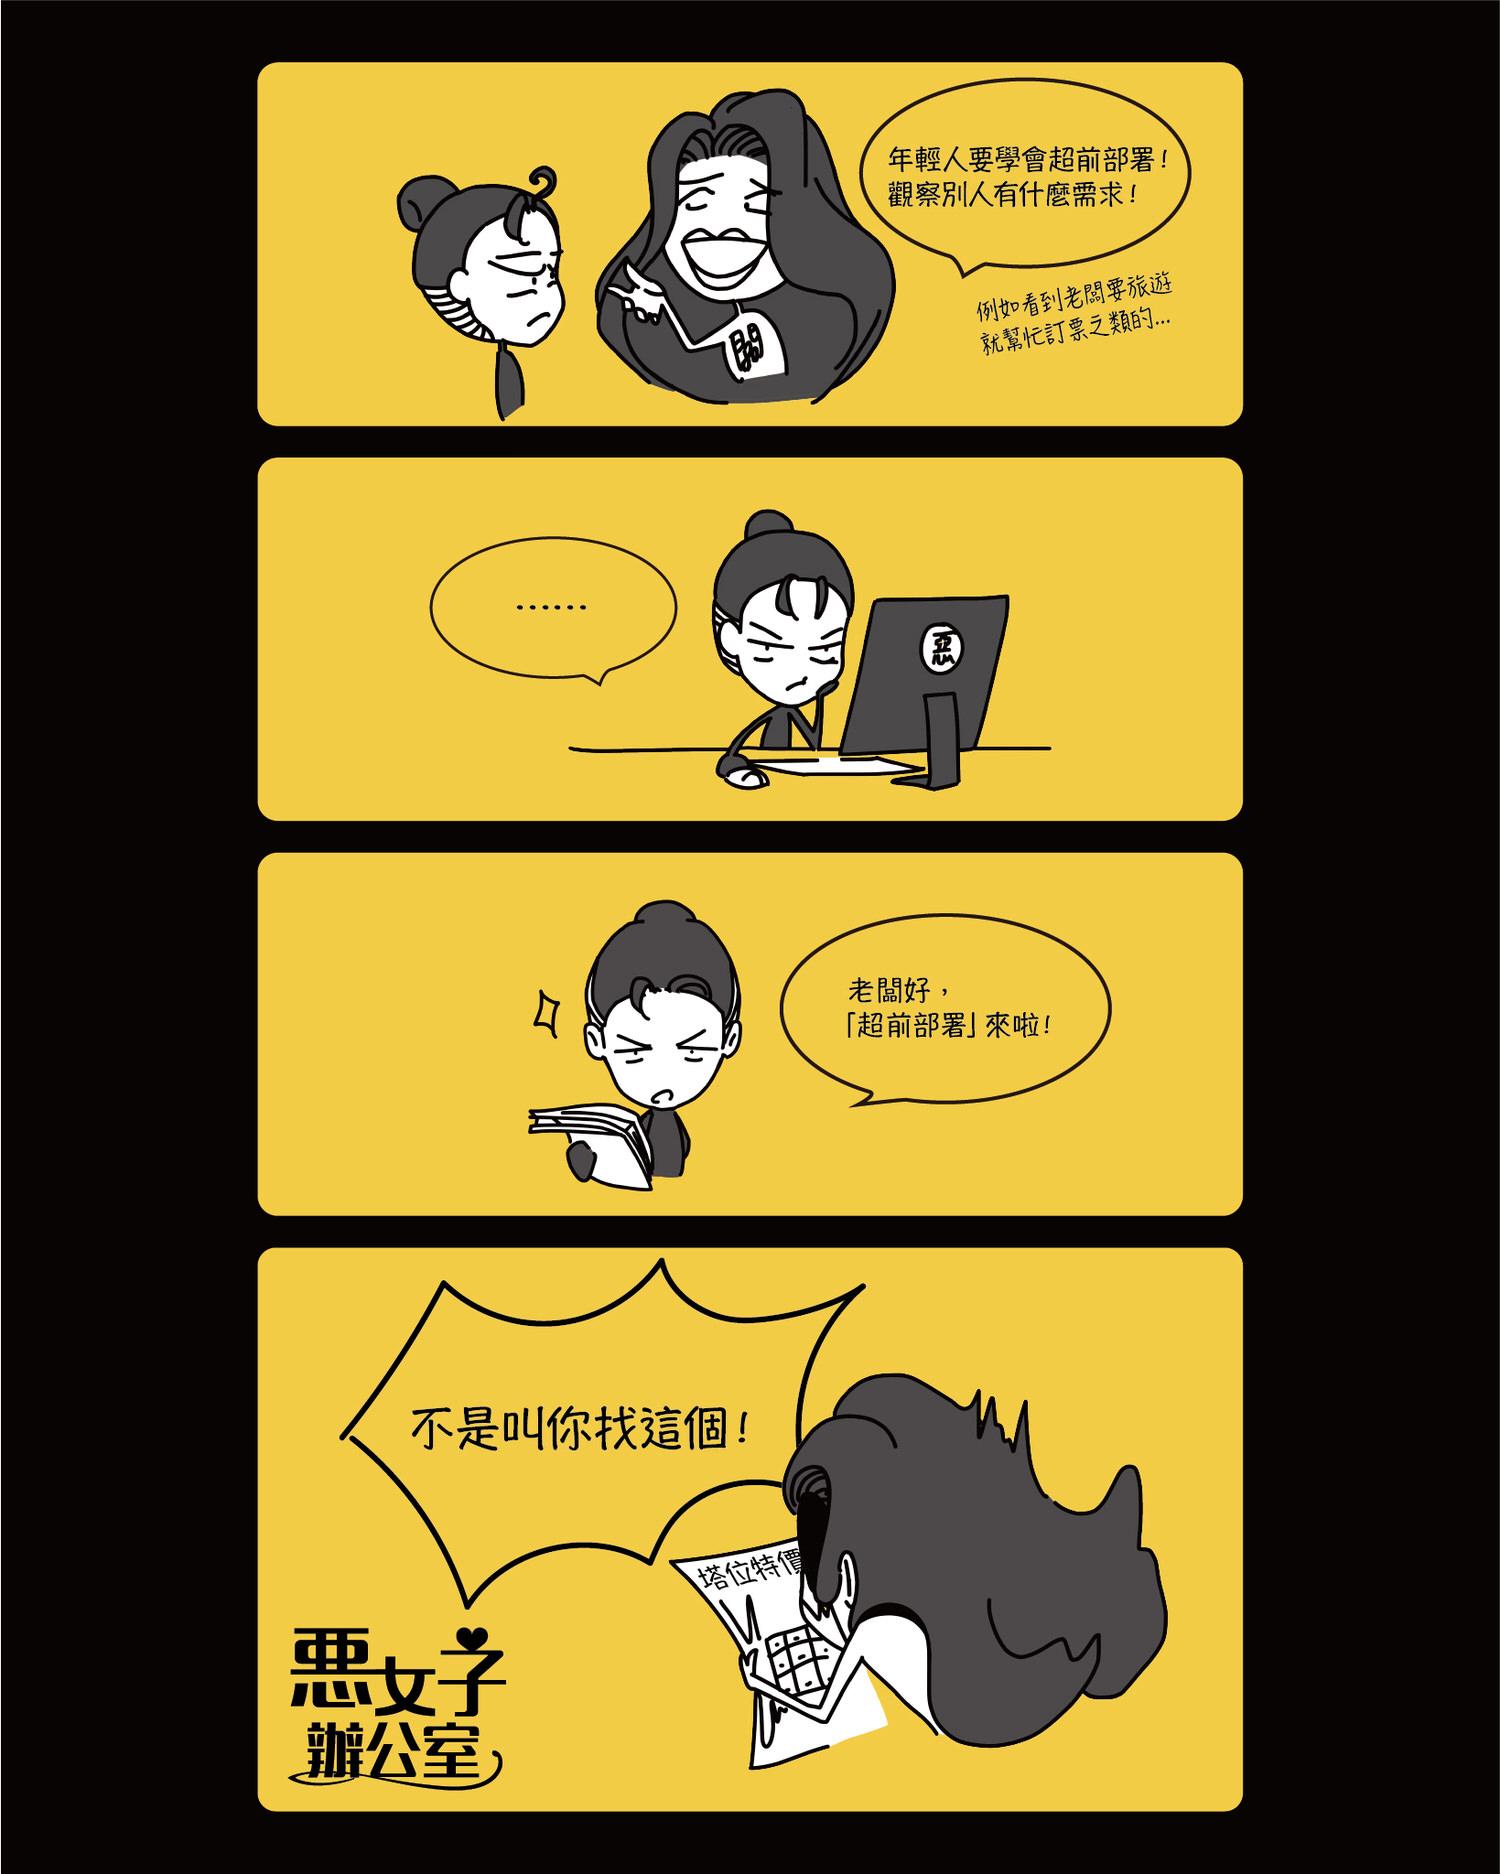 【圖文漫畫】惡女子辦公室-老闆的需求